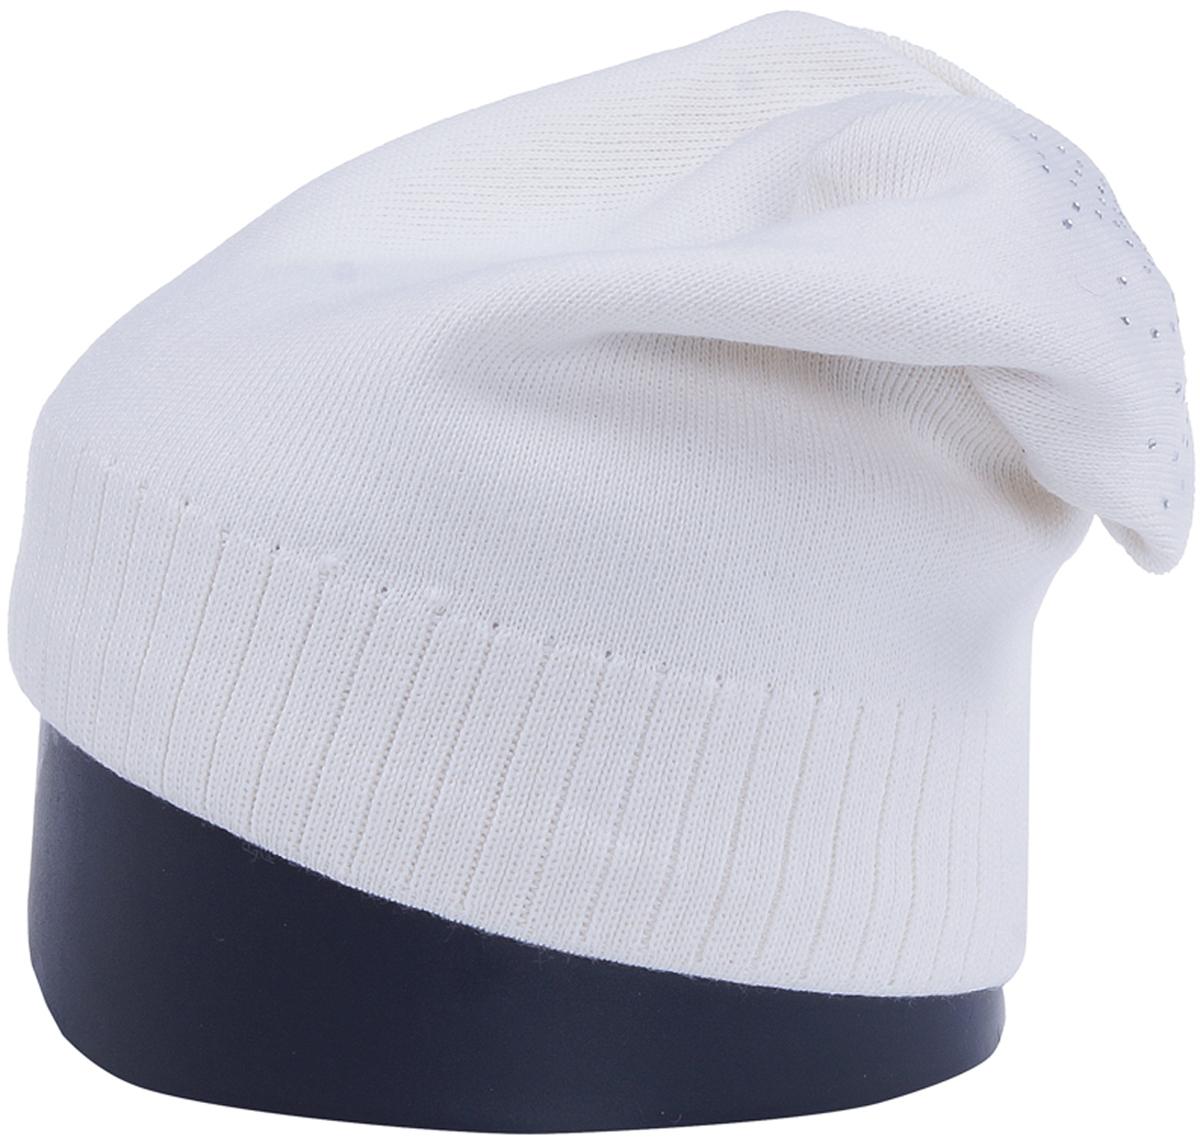 Шапка женская Vittorio Richi, цвет: белый. Aut141902C-11/17. Размер 56/58Aut141902CУдлиненная женская шапка Vittorio Richi отлично дополнит ваш образ в холодную погоду. Модель, изготовленная из шерсти с добавлением полиамида, максимально сохраняет тепло и обеспечивает удобную посадку. Шапка декорирована сзади узором из страз. Привлекательная стильная шапка подчеркнет ваш неповторимый стиль и индивидуальность.